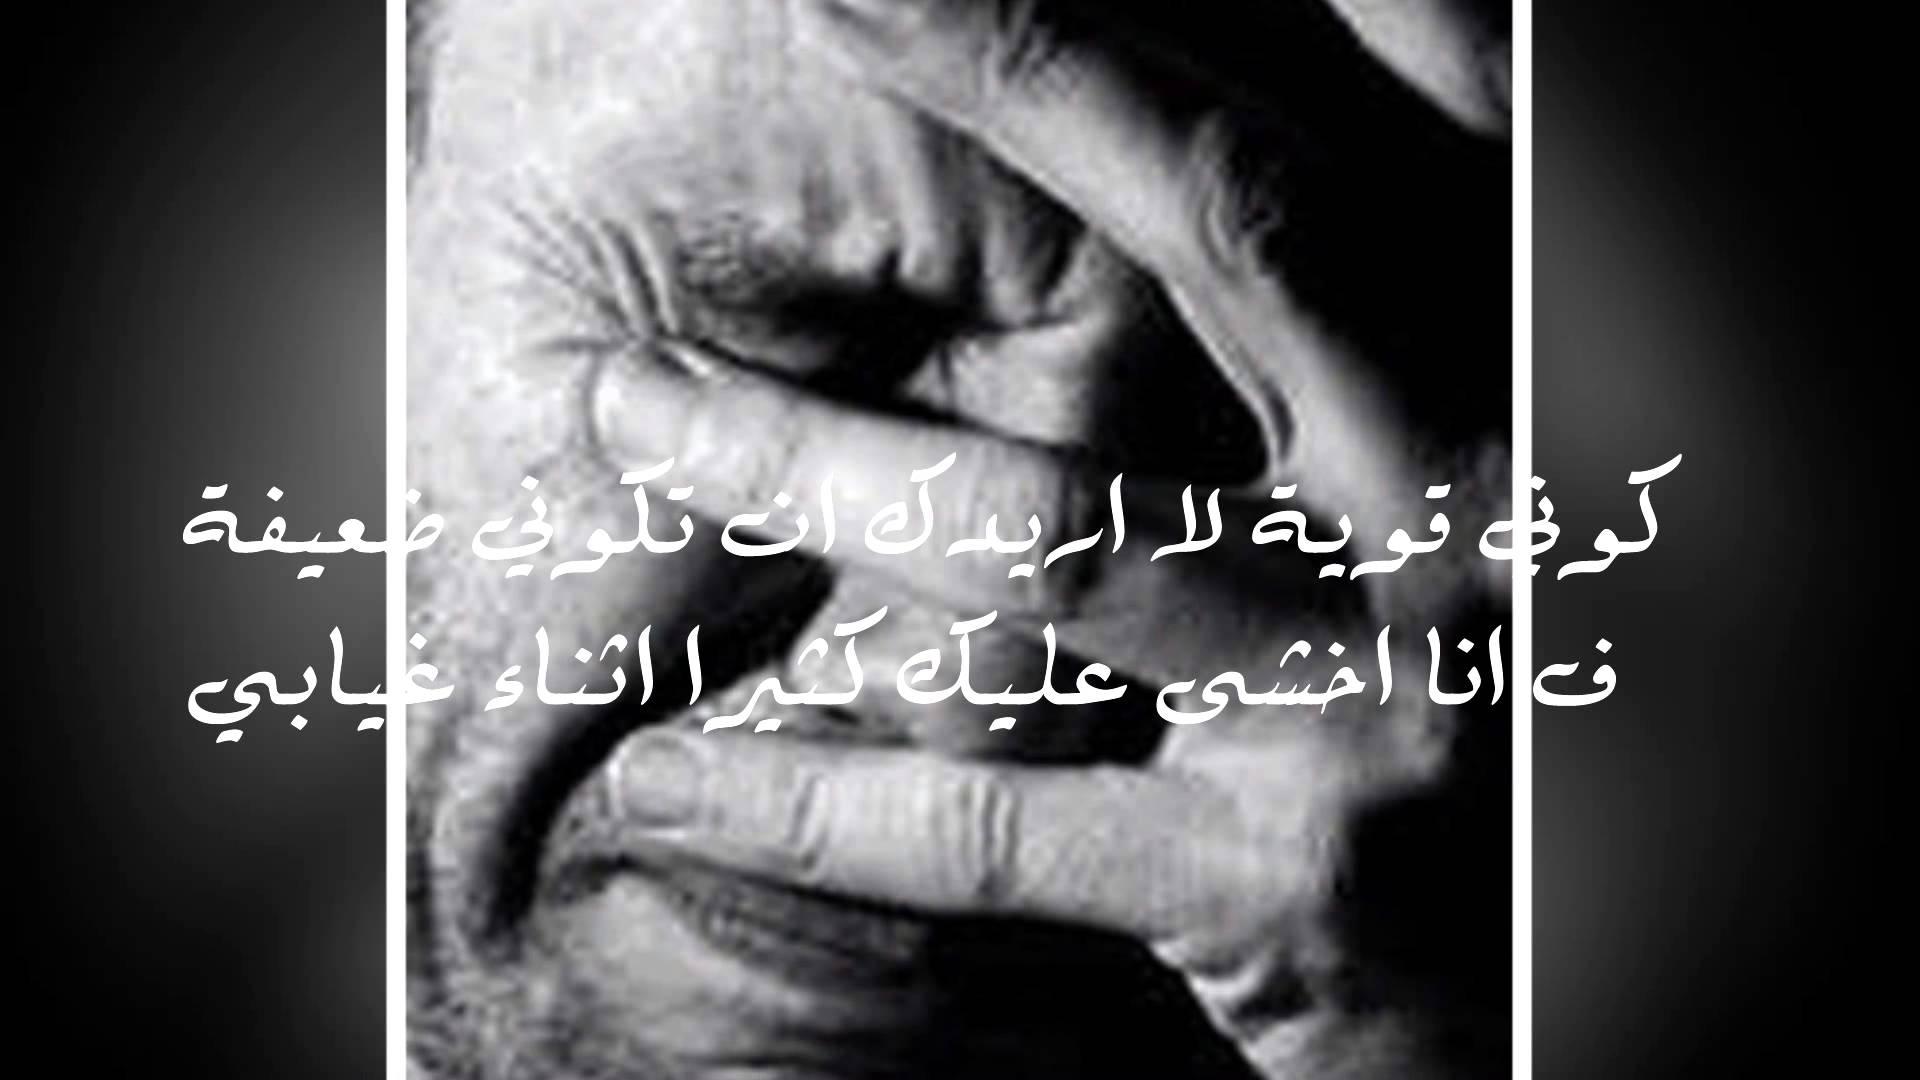 بالصور كلام عن الوداع , كلام مؤلم عن الوداع 3550 11